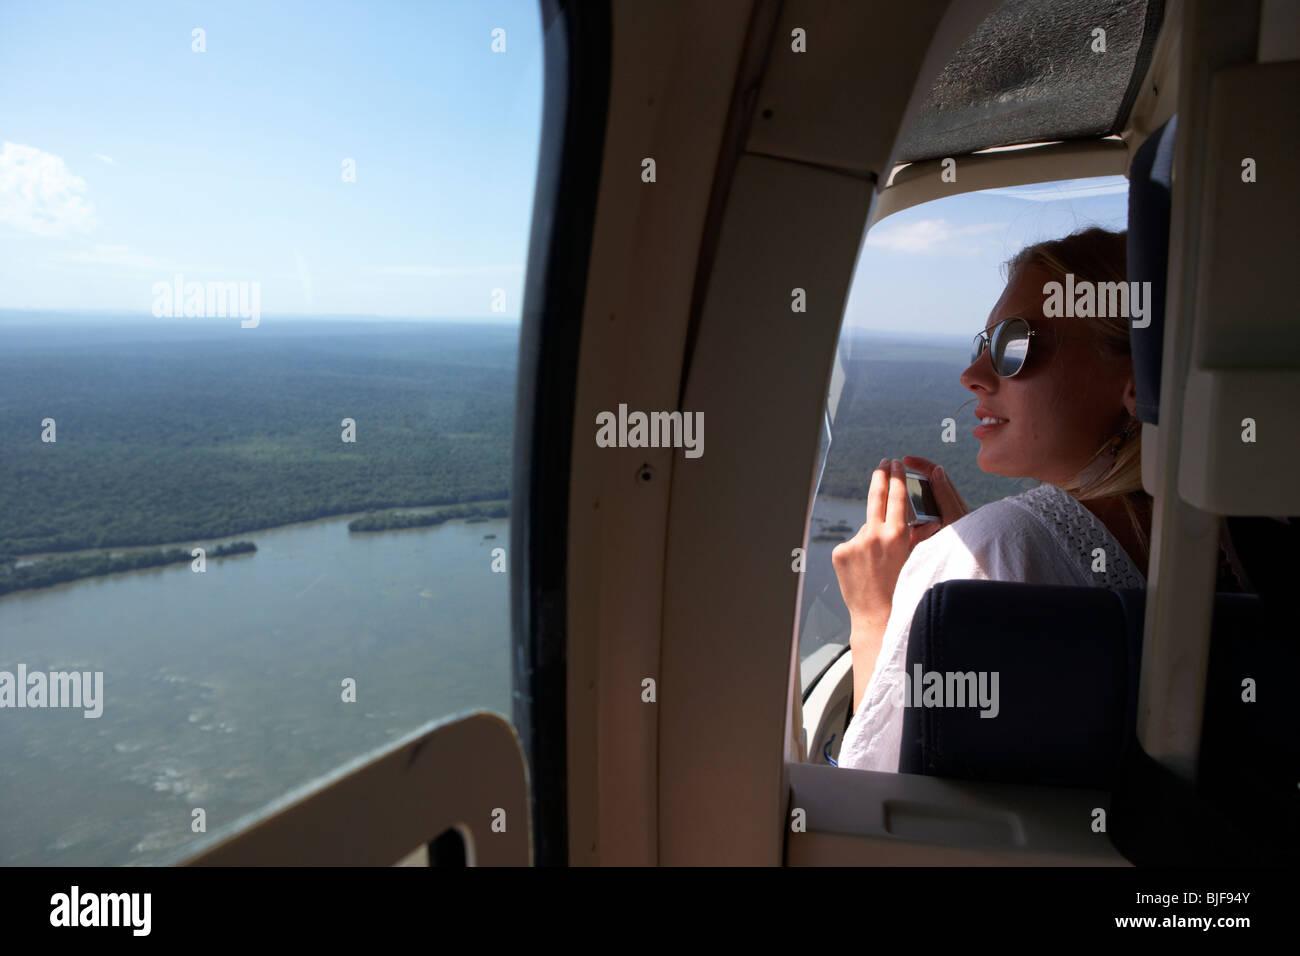 Woman en hélicoptère survolant la rivière Iguaçu iguaçu parc national, l'État de Parana, Brésil, Amérique du Sud Banque D'Images